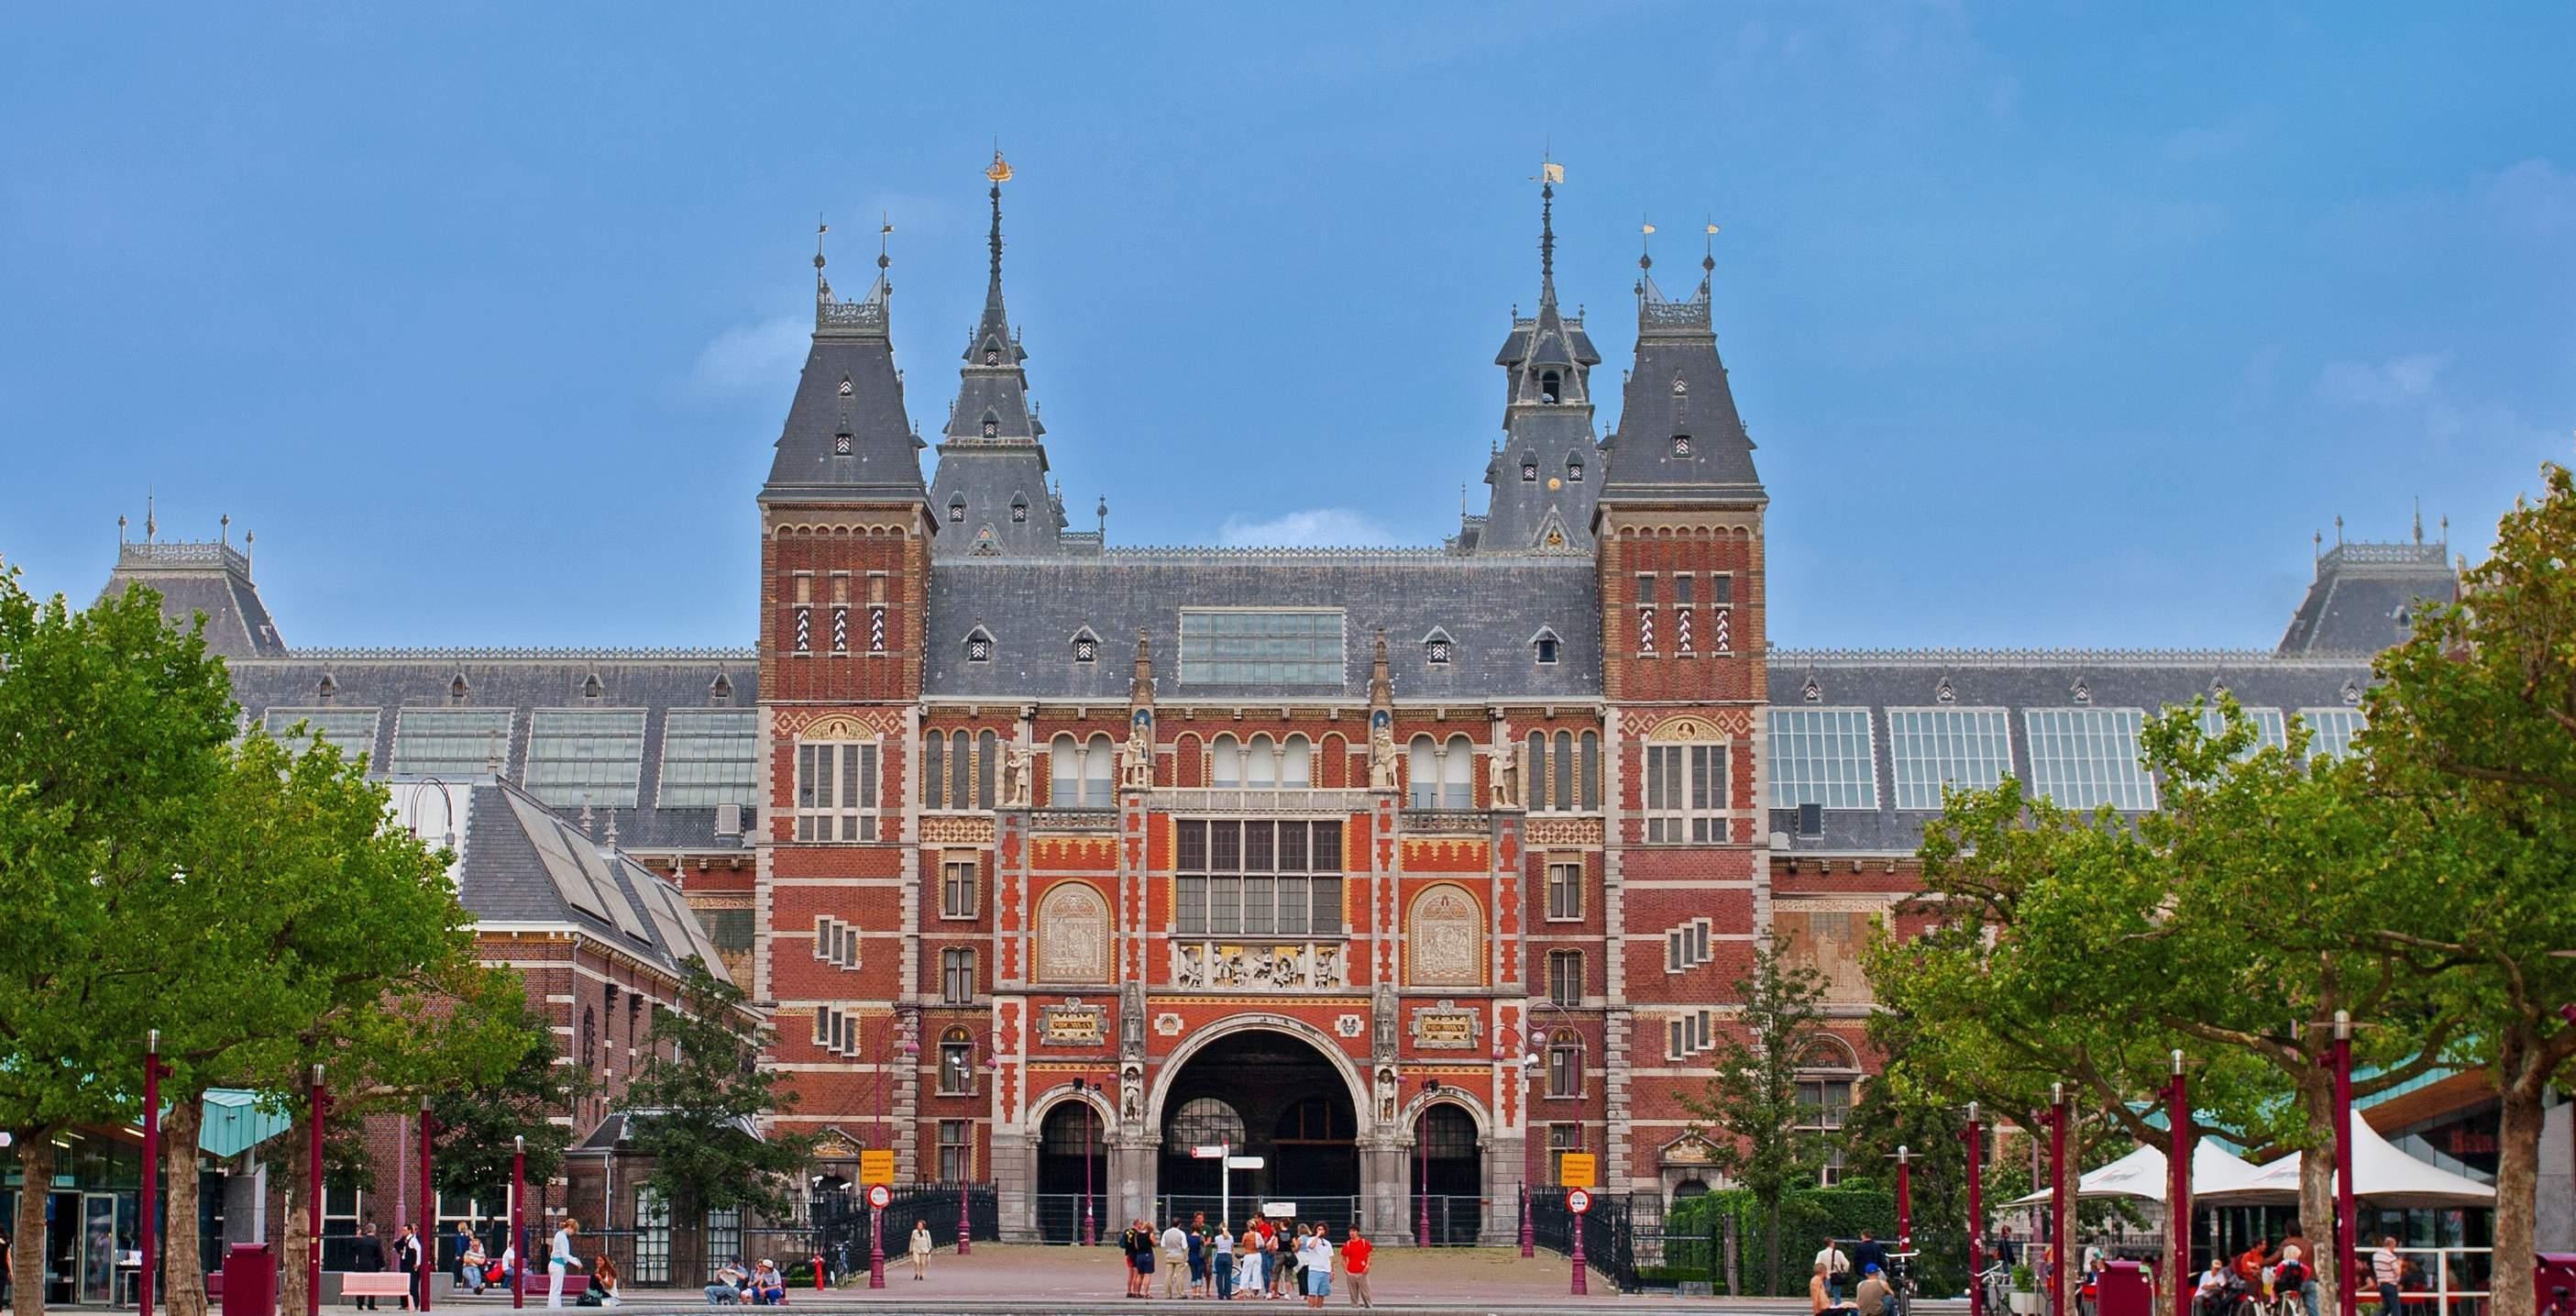 Que Pasa Location Rijksmuseum - Que Pasa